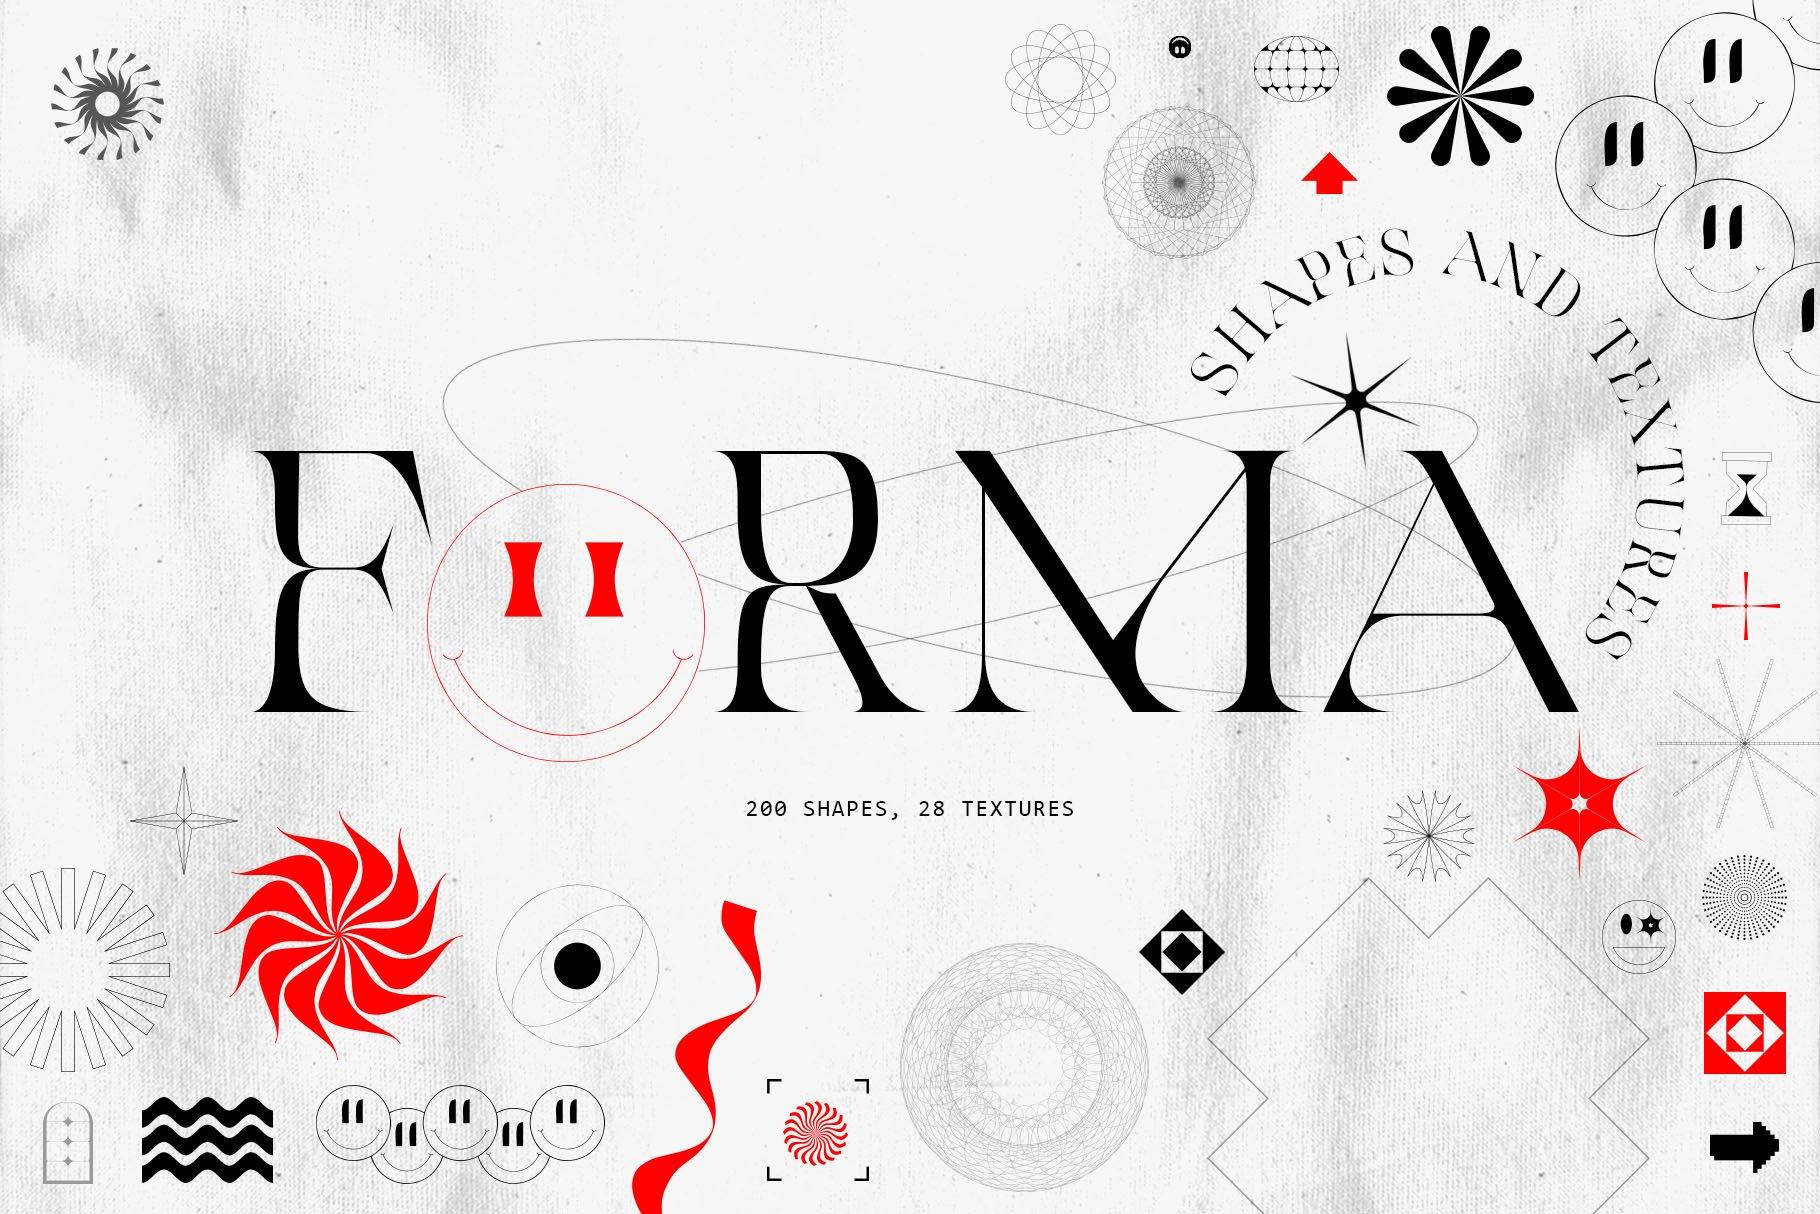 [淘宝购买] 潮流抽象几何形状渐变背景粗糙纹理海报背景设计素材套装 Inartflow – Shapes And Textures插图